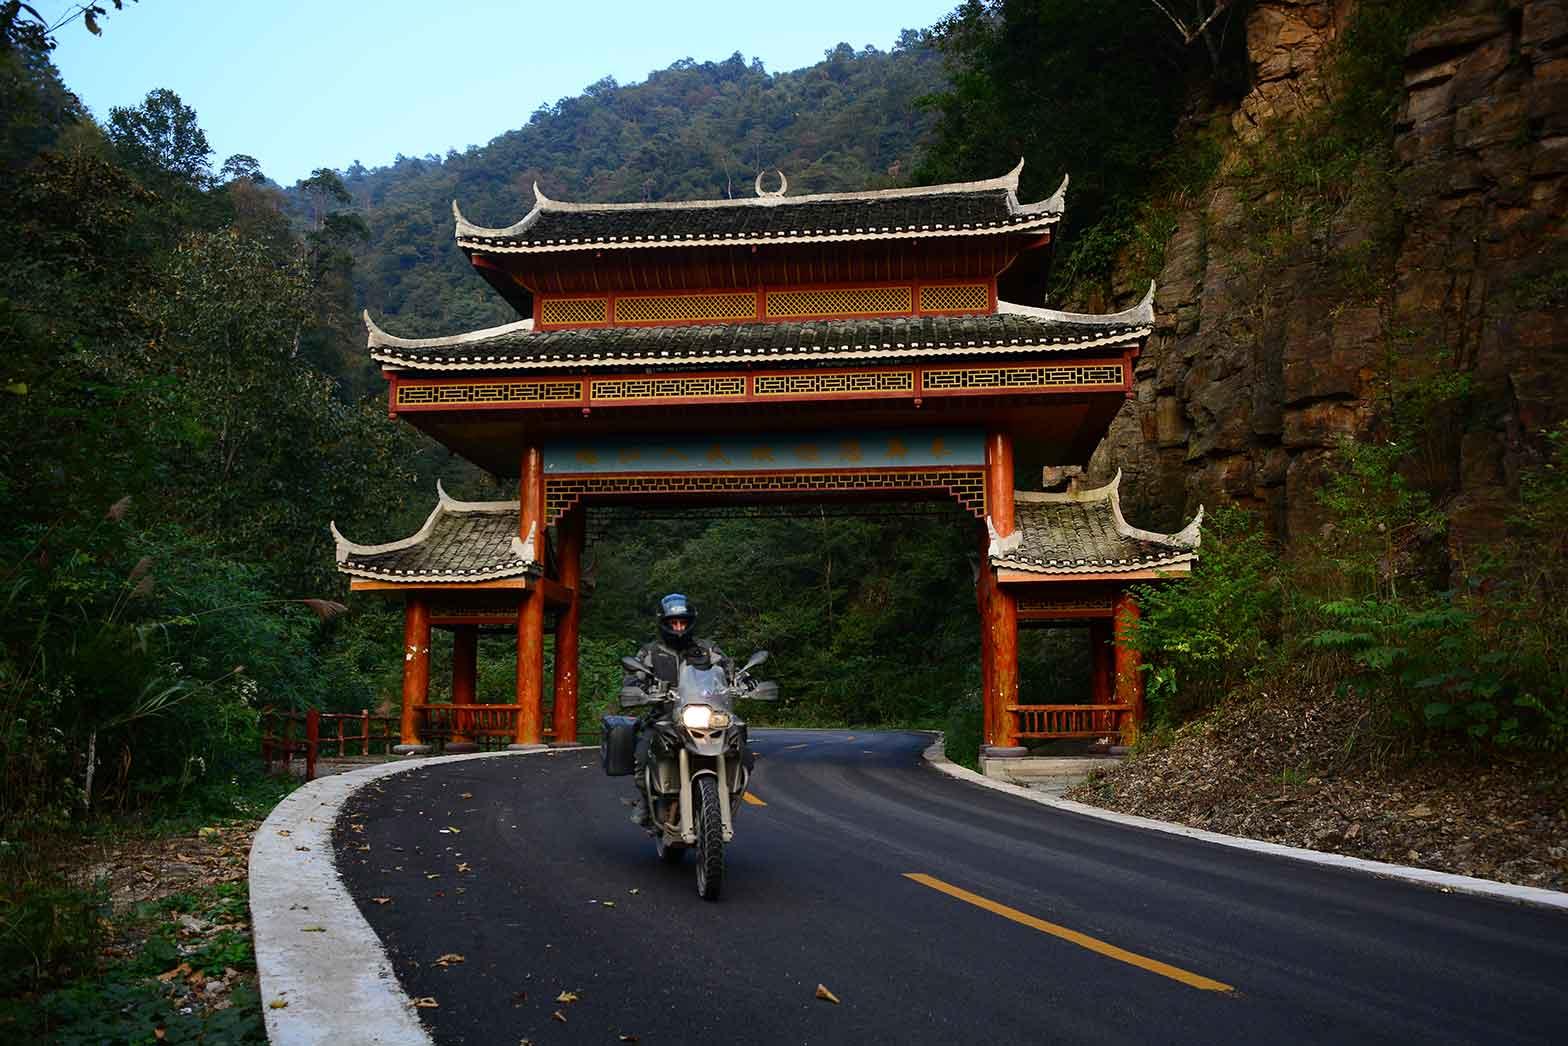 Pagoda in Yangshuo area